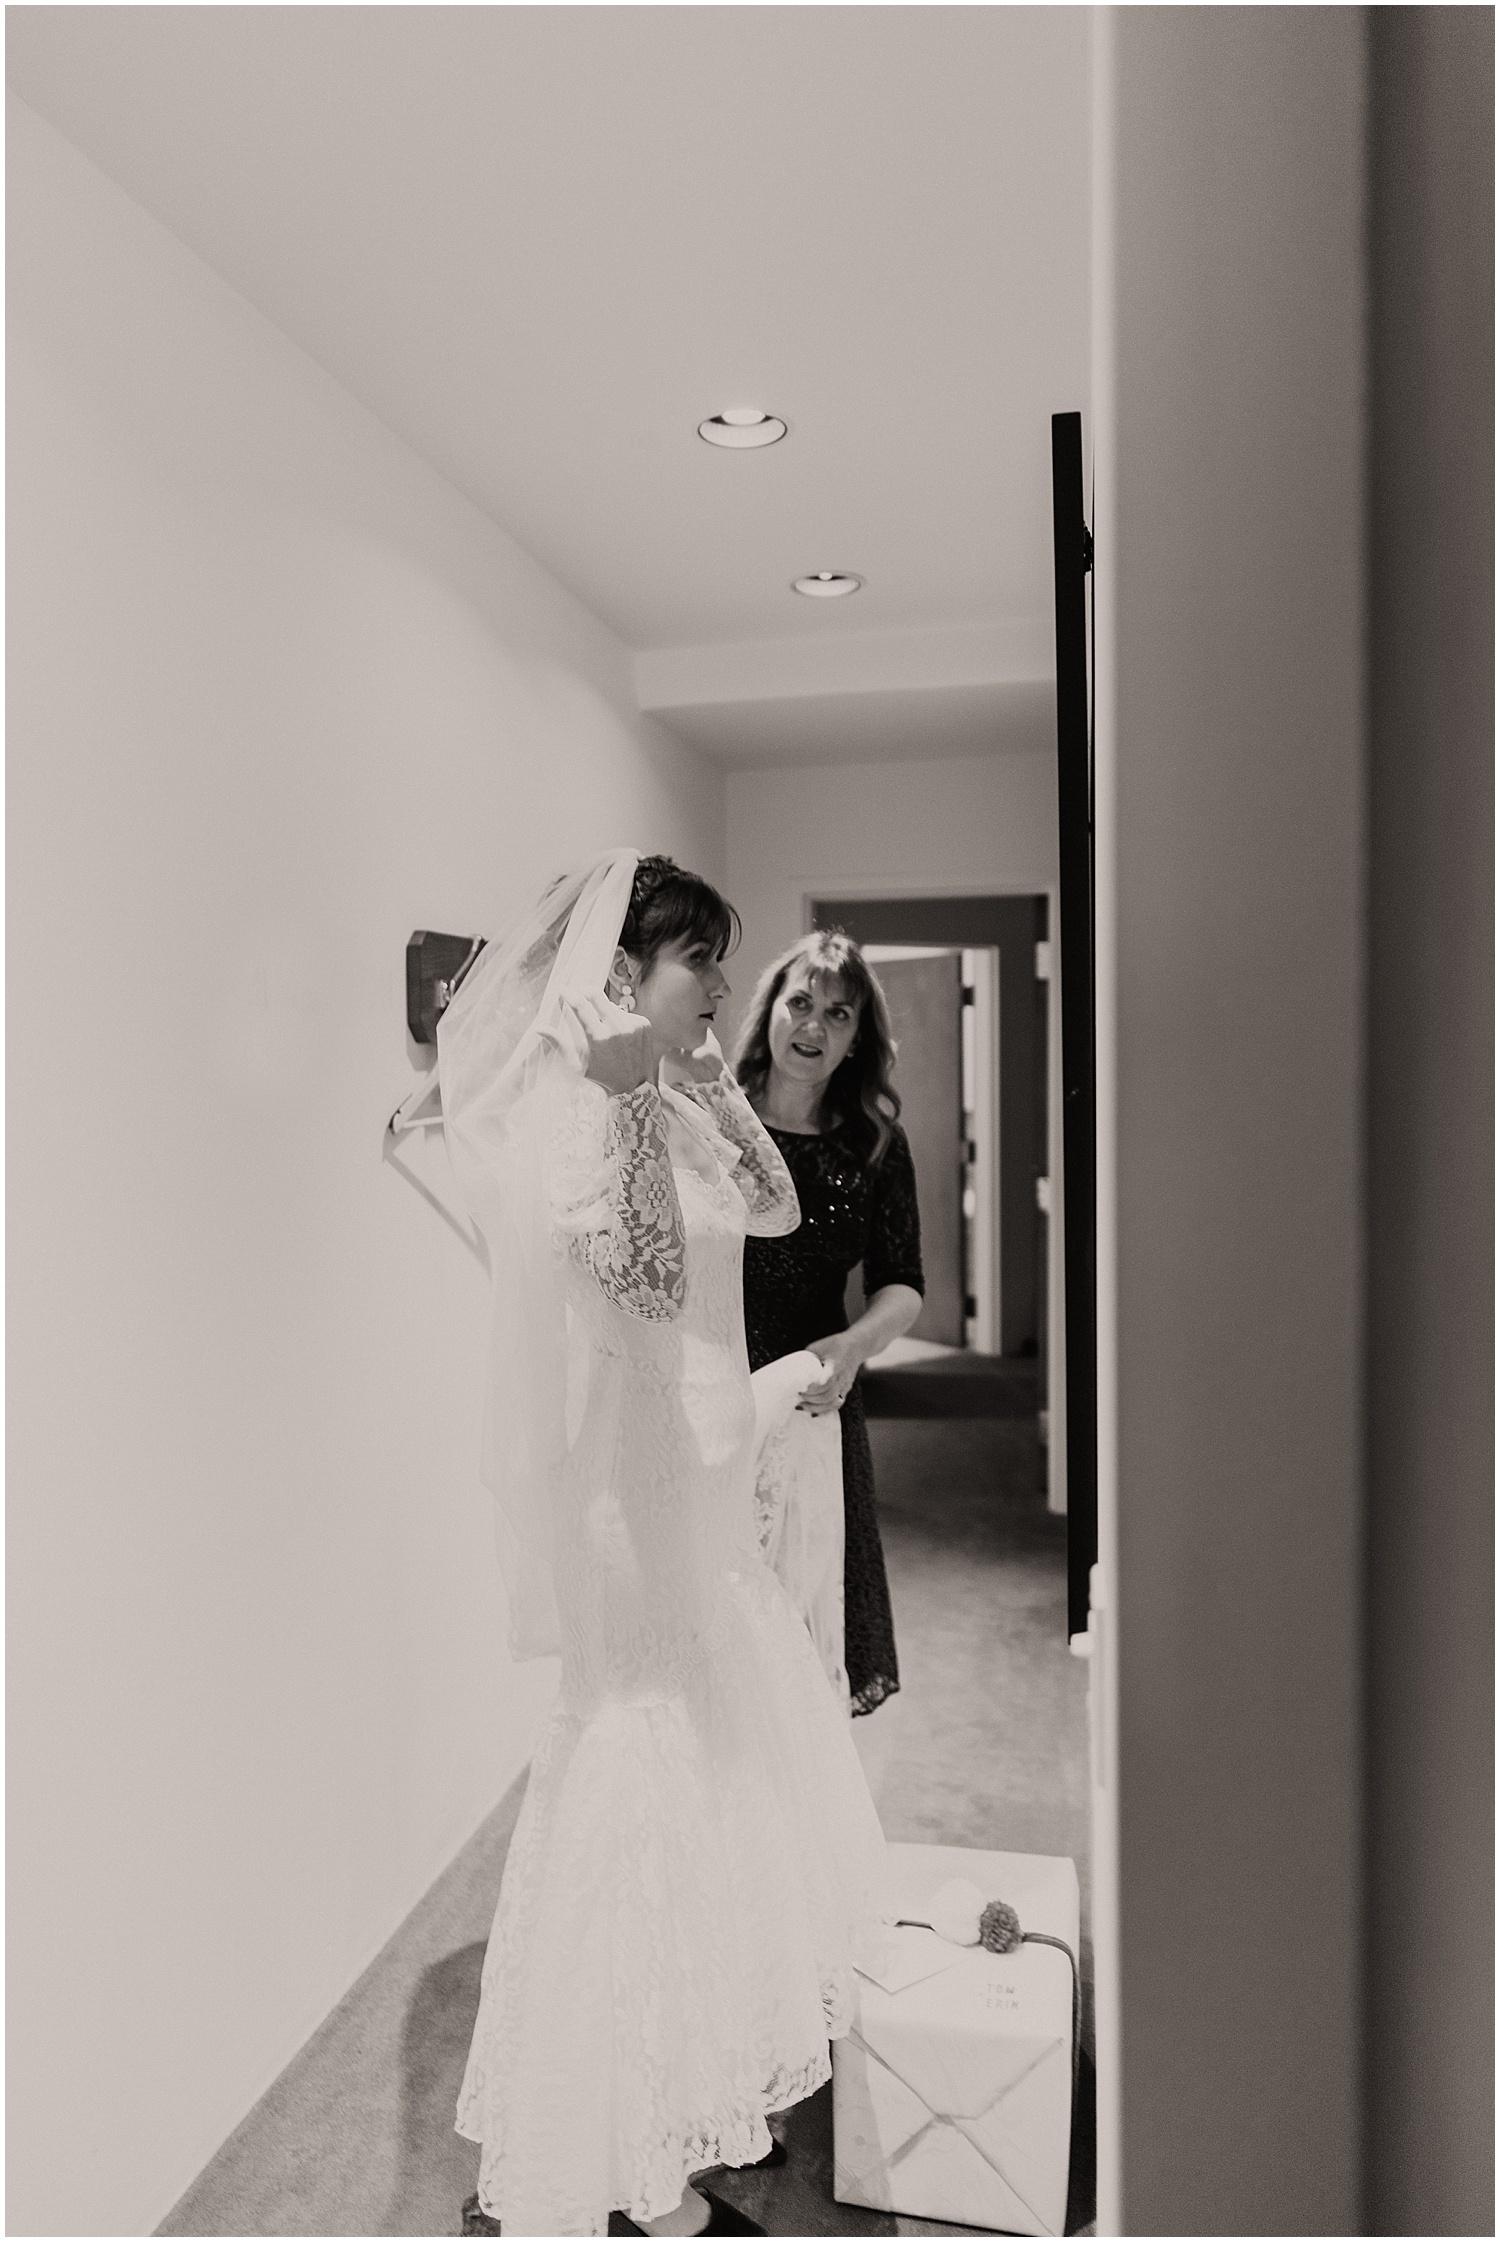 church-wedding-industrial-reception-sunvalley-idaho22.jpg